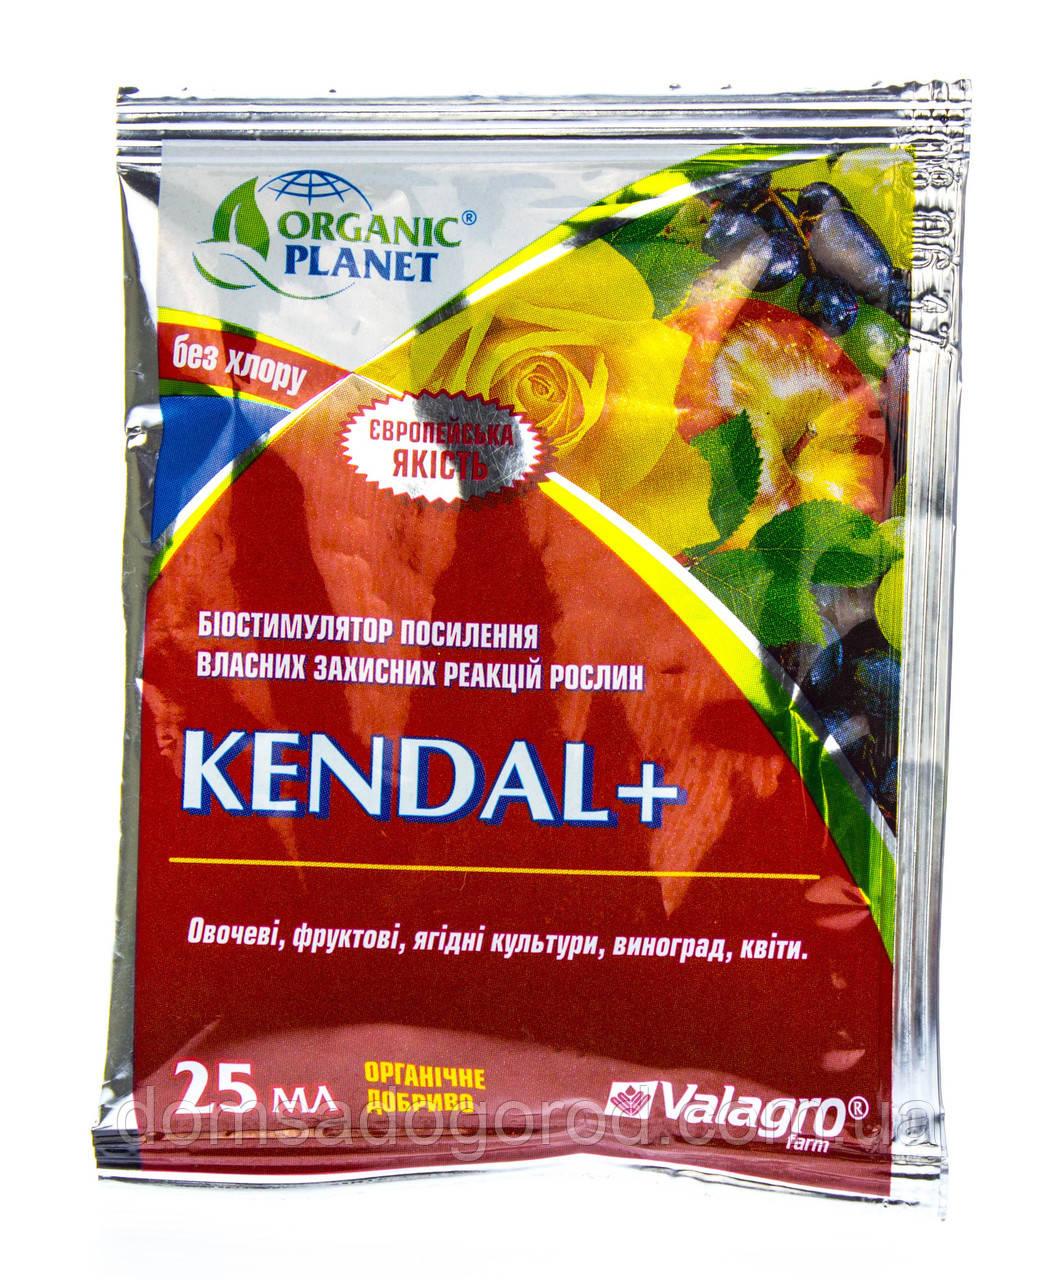 Биостимулятор усиления собственных защитных реакций КЕНДАЛ (KENDAL) plus Valagro 25 мл